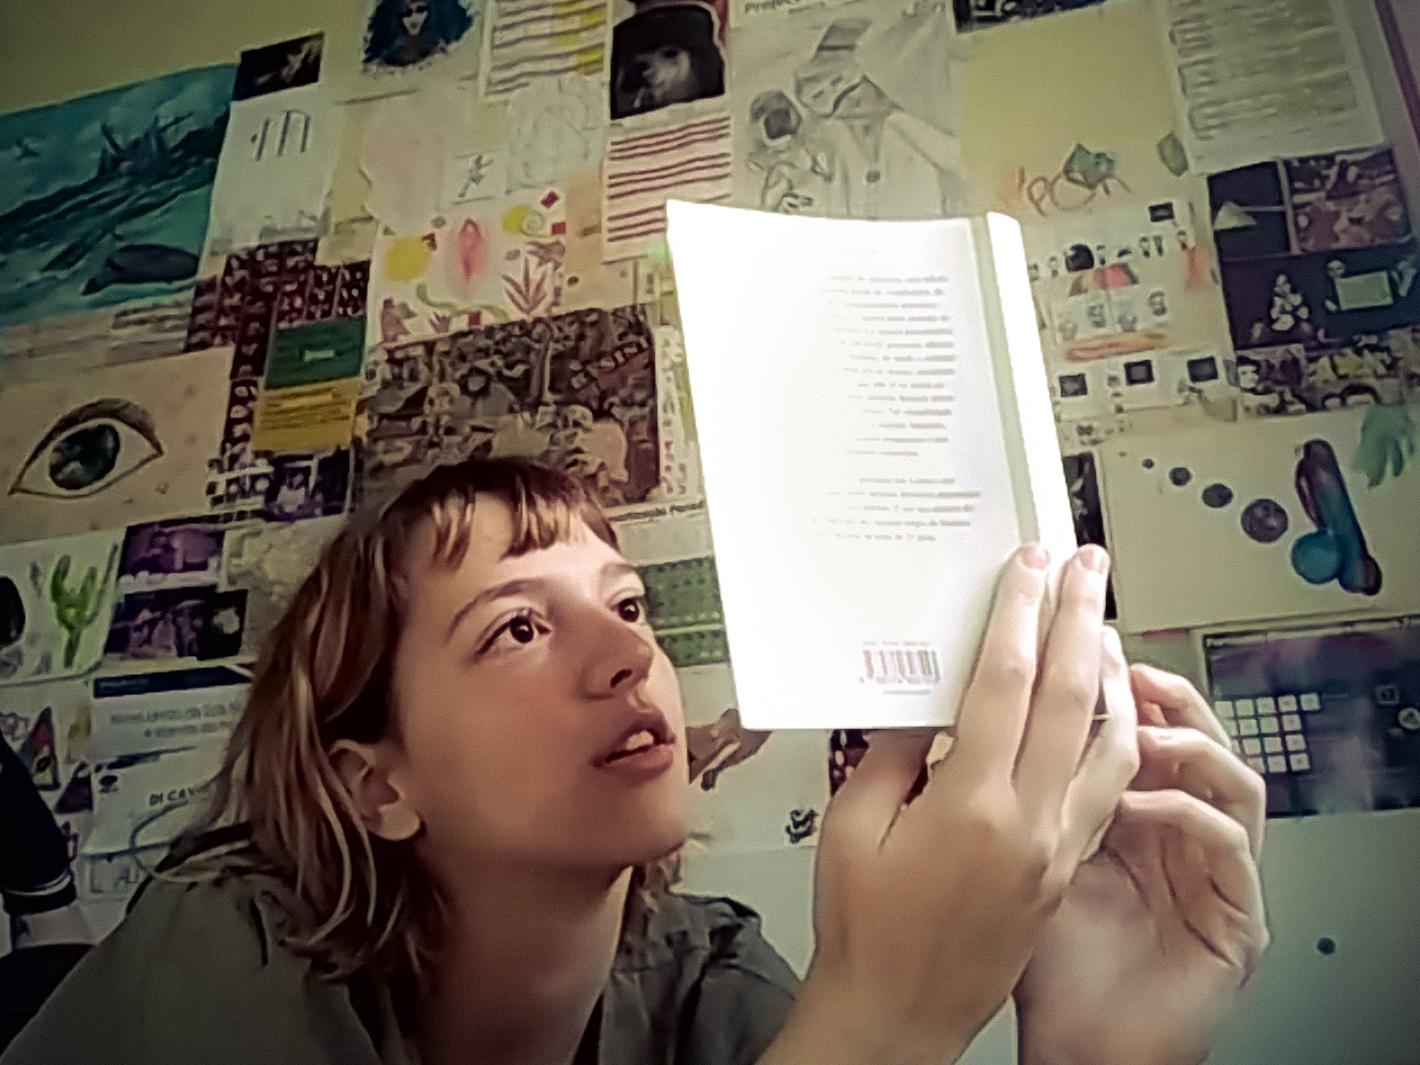 Jovem Alessandra lendo livro